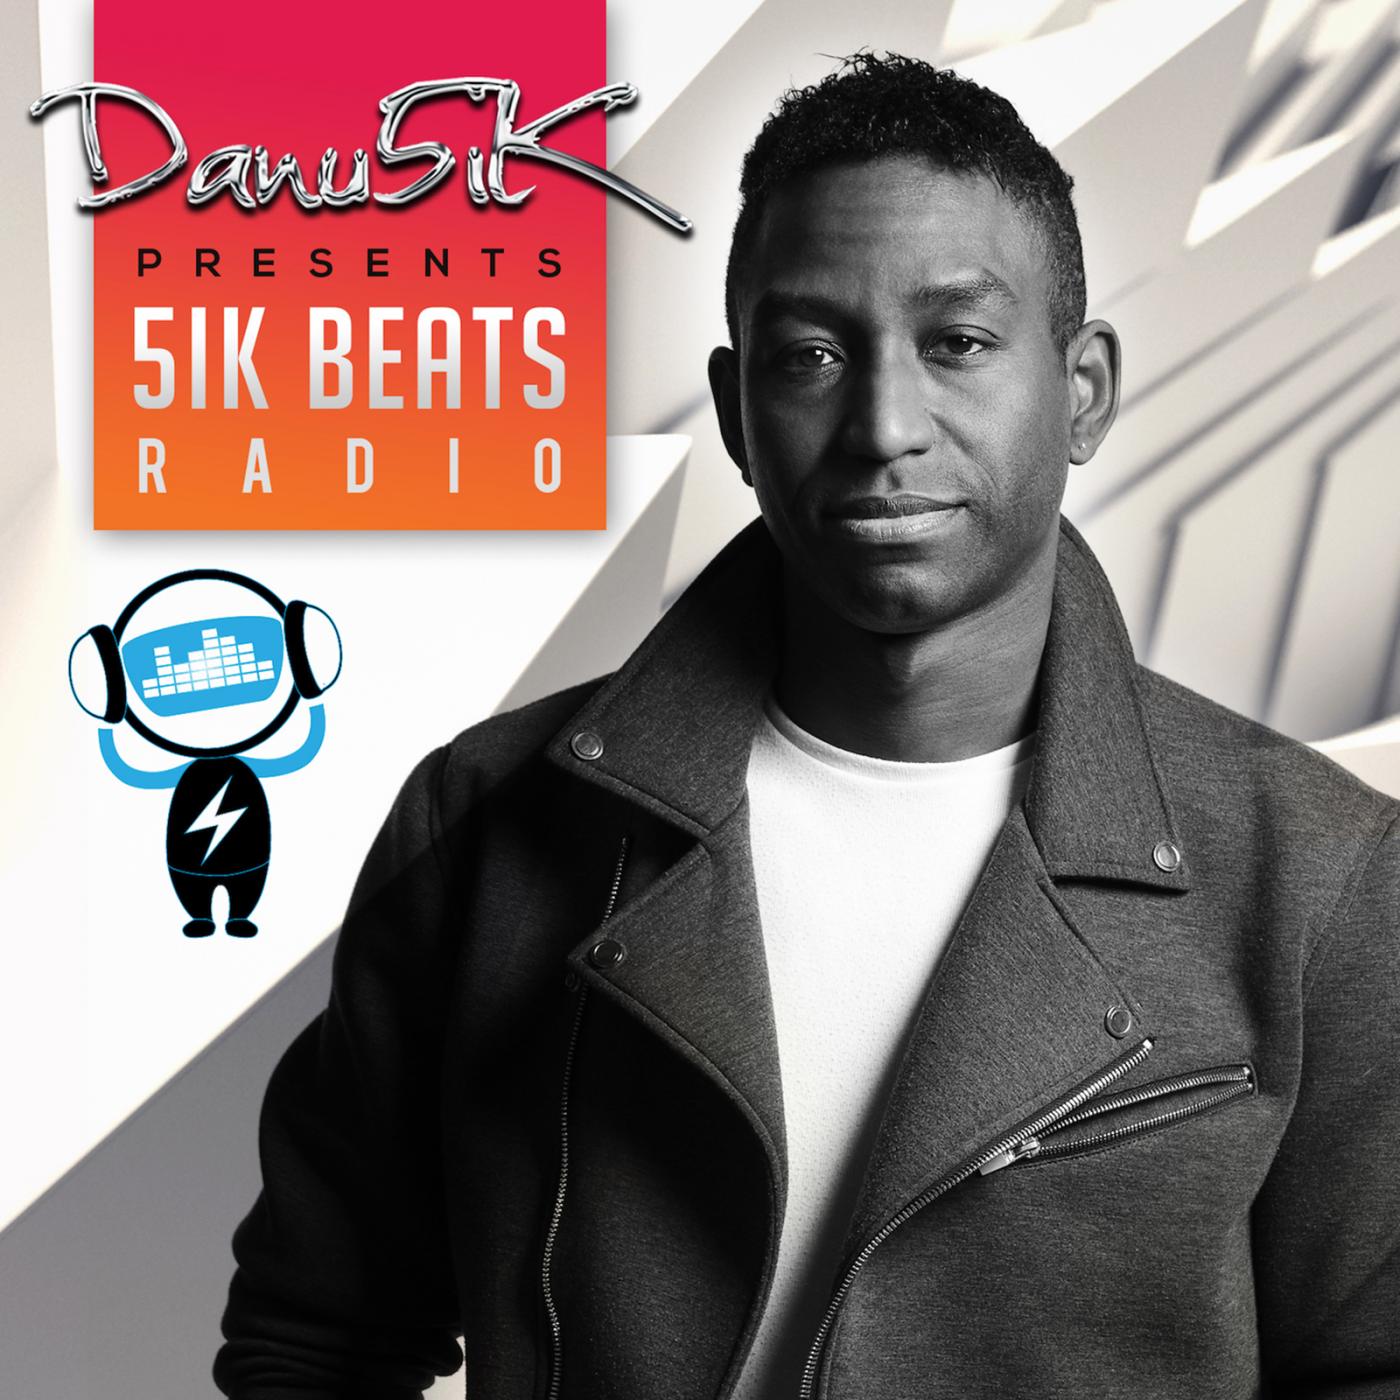 5ik Beats Radio 085 | Danu5ik